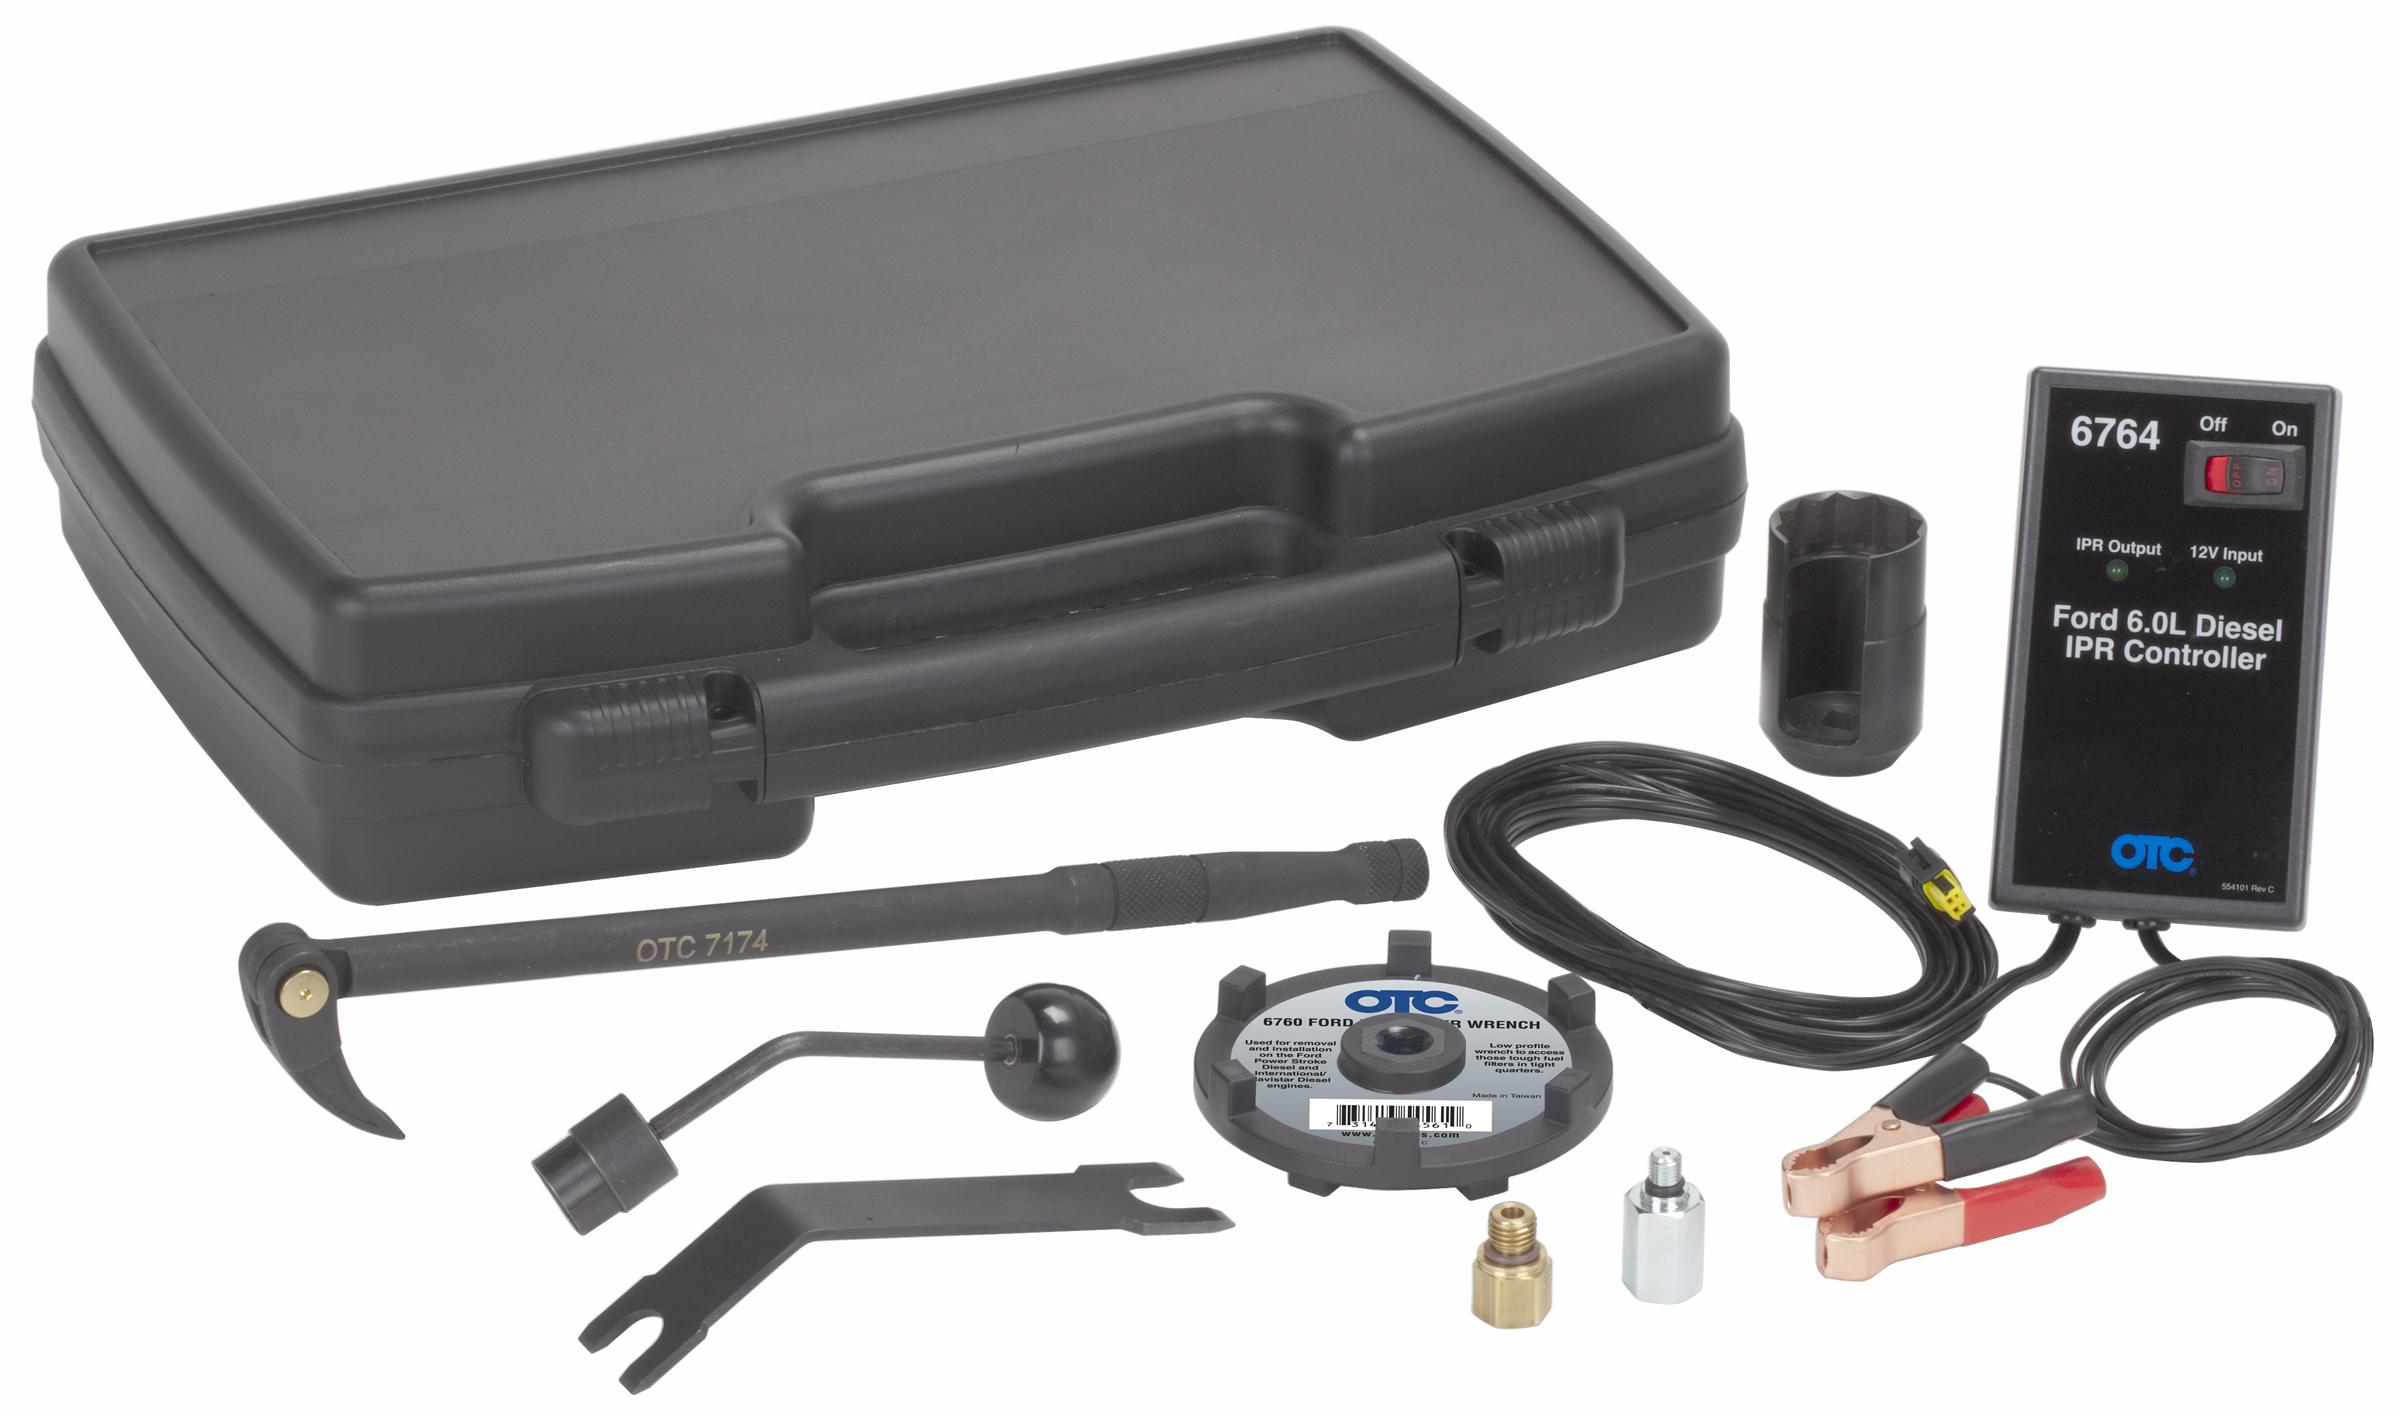 6770 ford 6 0l diesel service tool kit otc tools